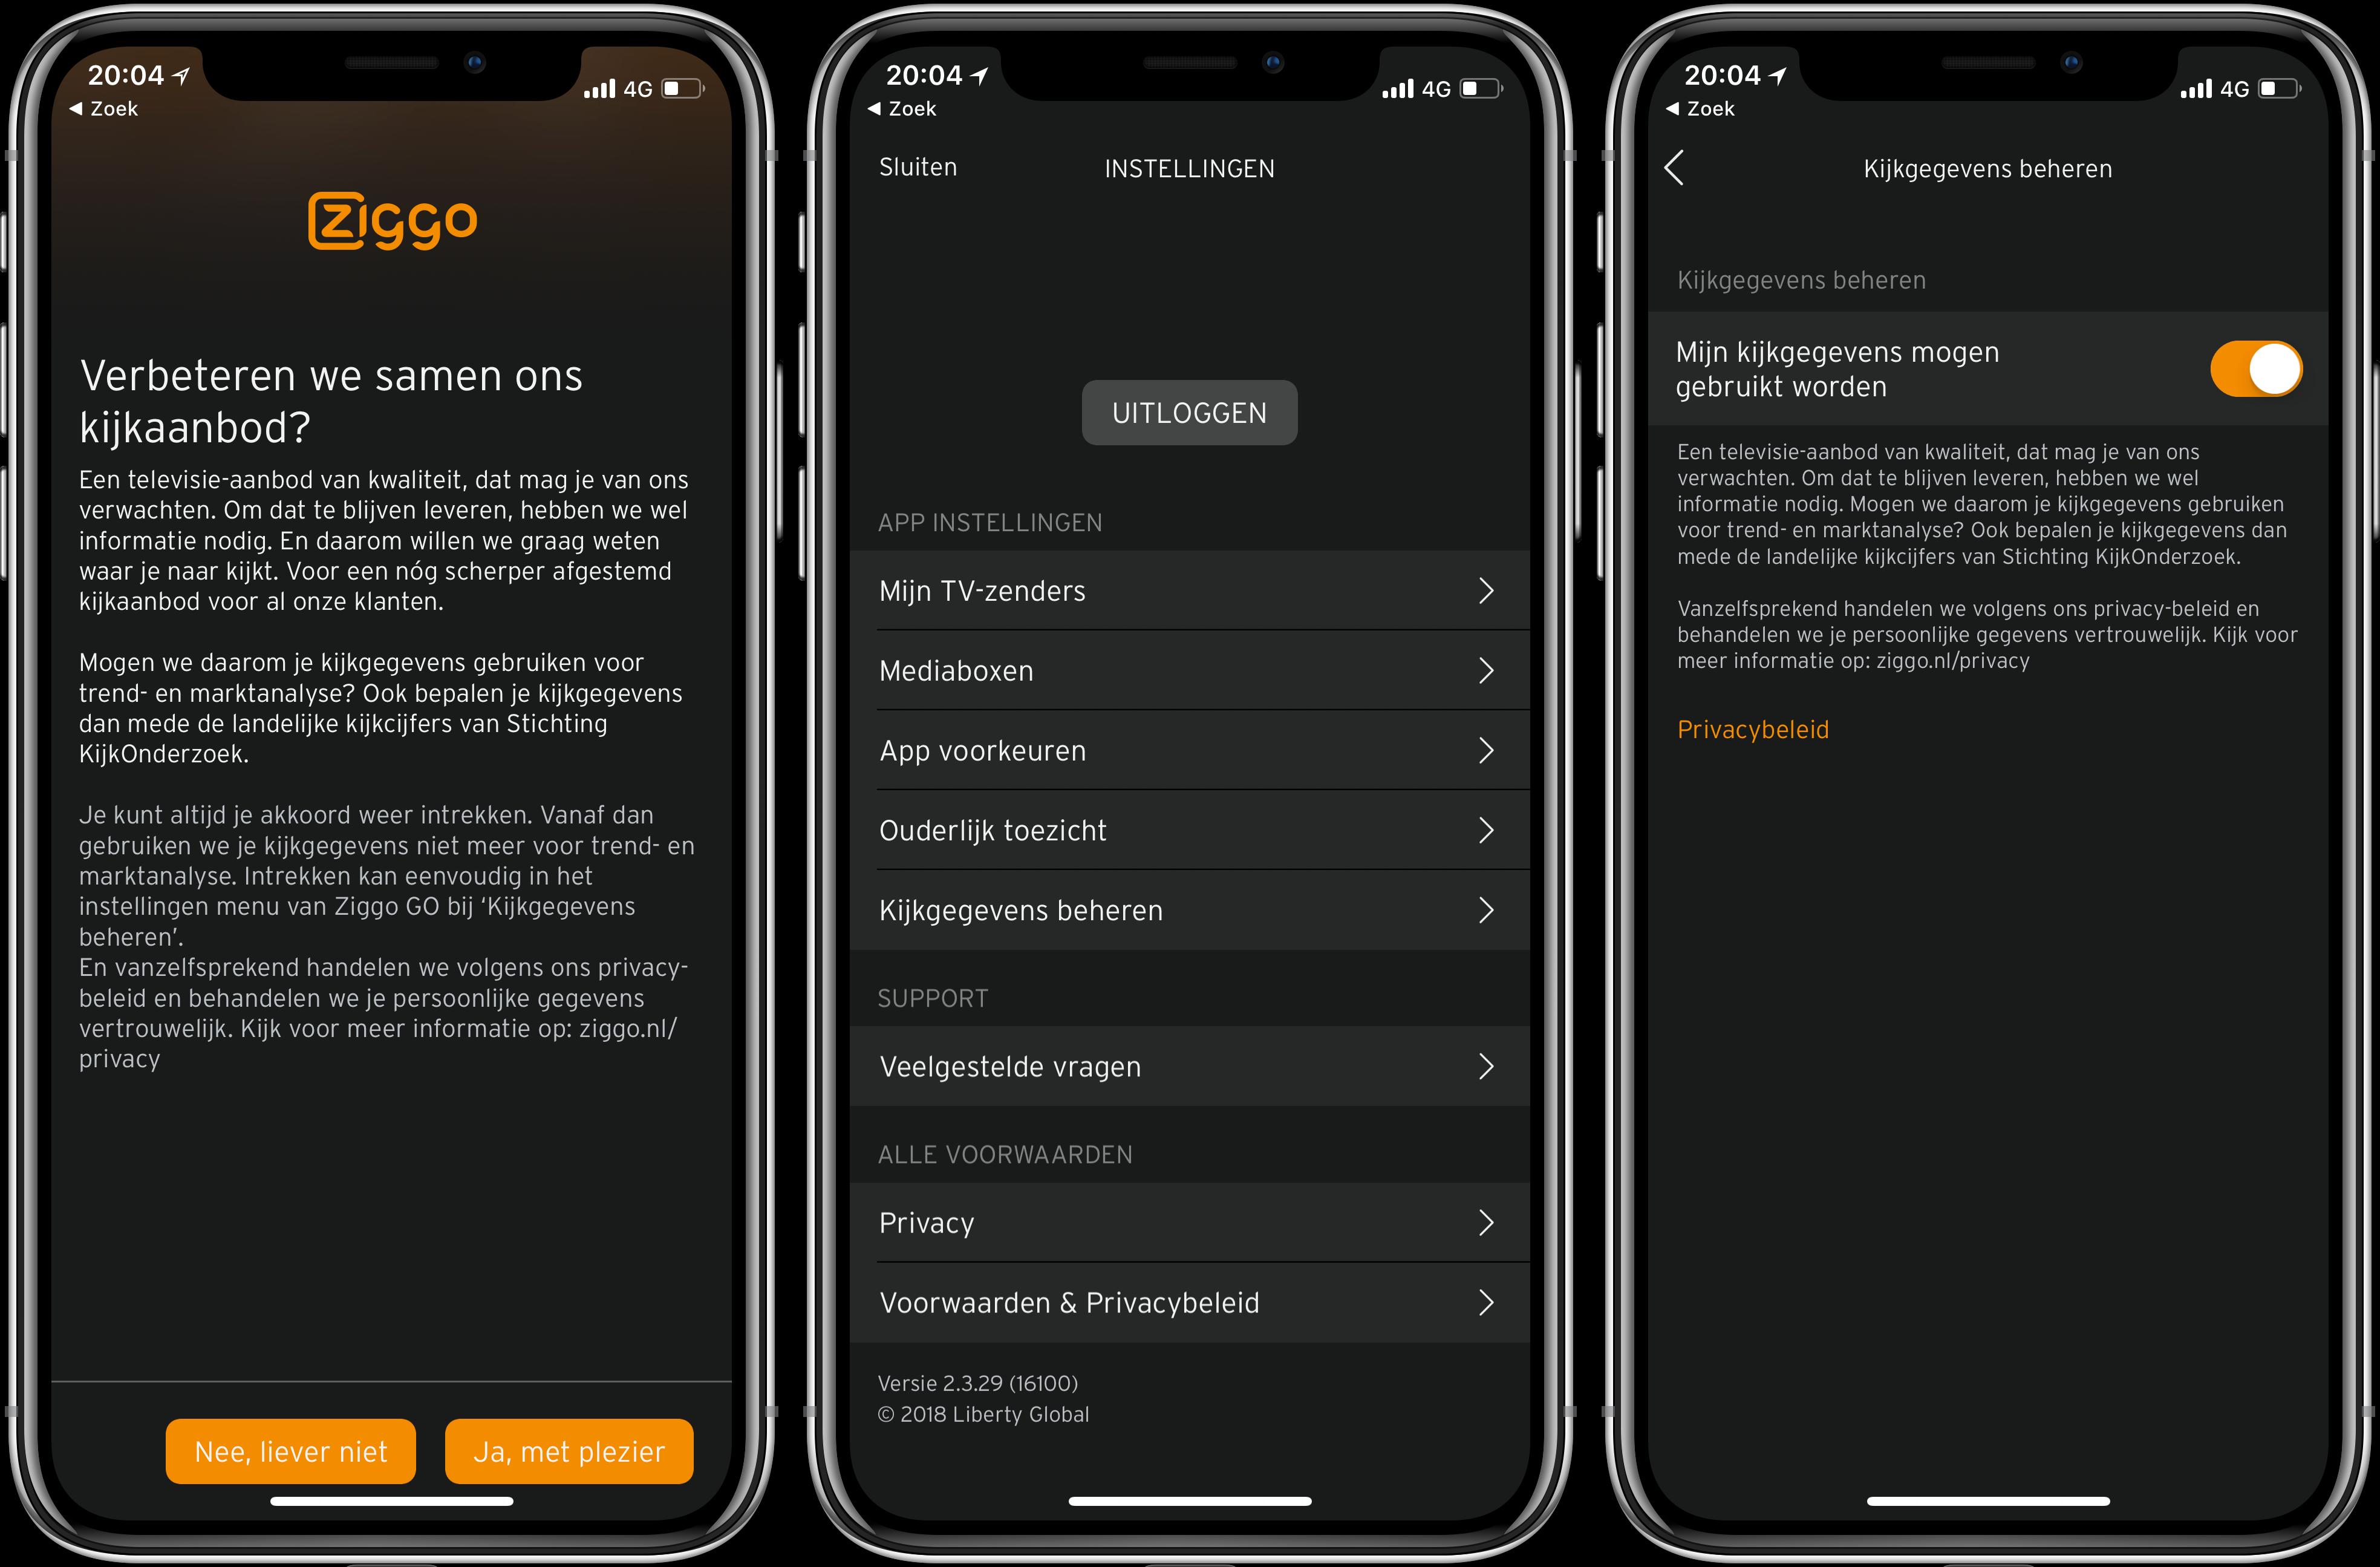 Ziggo Go-app verzamelt gegevens voor kijkonderzoek » One ...